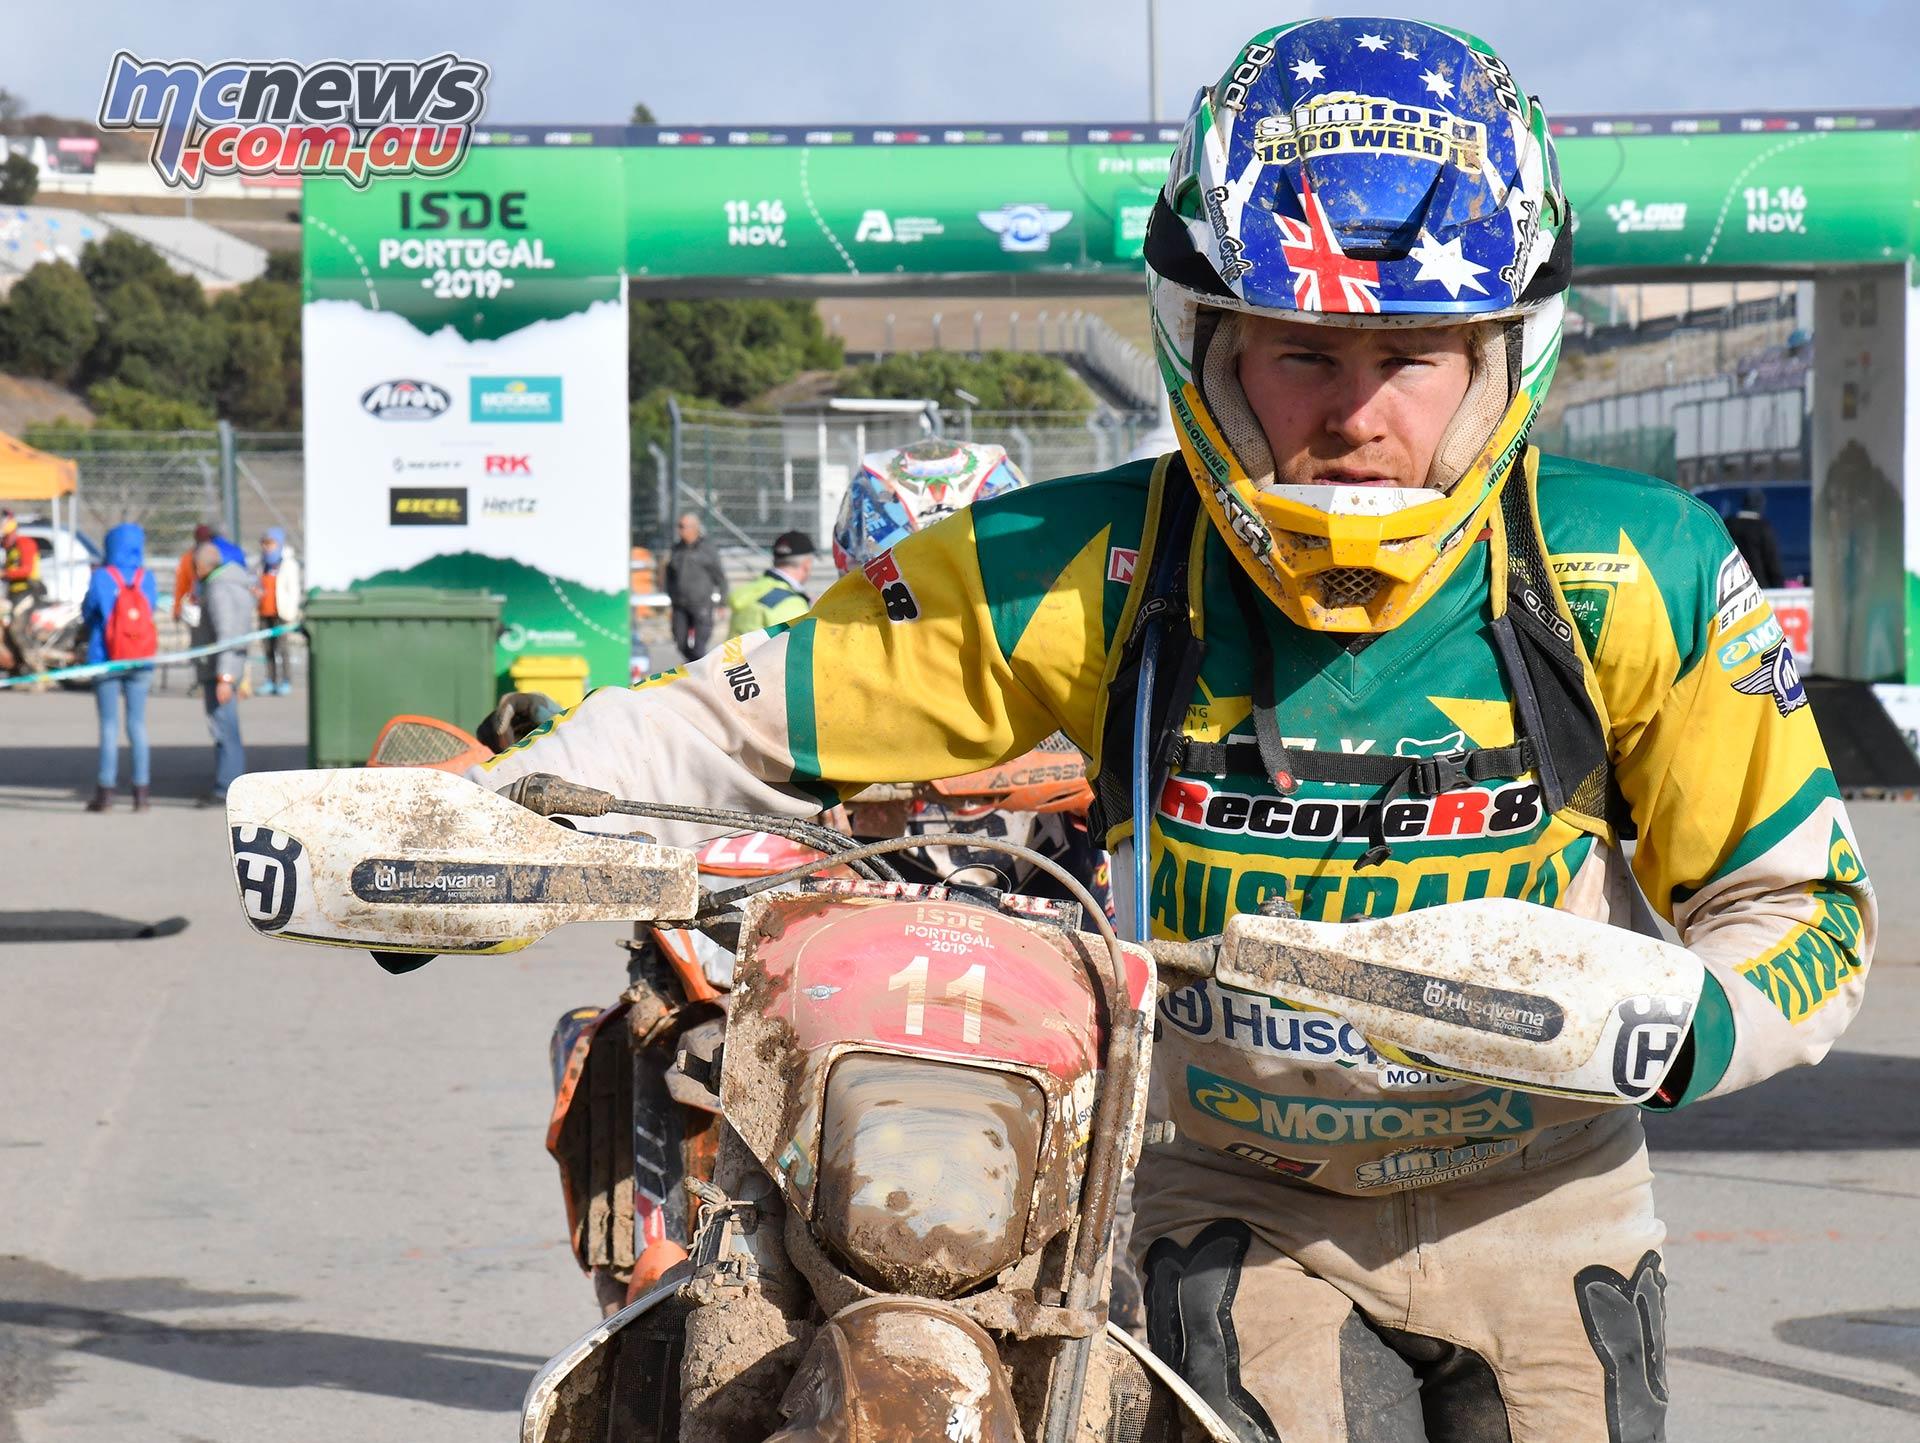 Calendrier Ama Supercross 2019.Moto News Weekly Isde X Trial Aft Calendar Mcnews Com Au